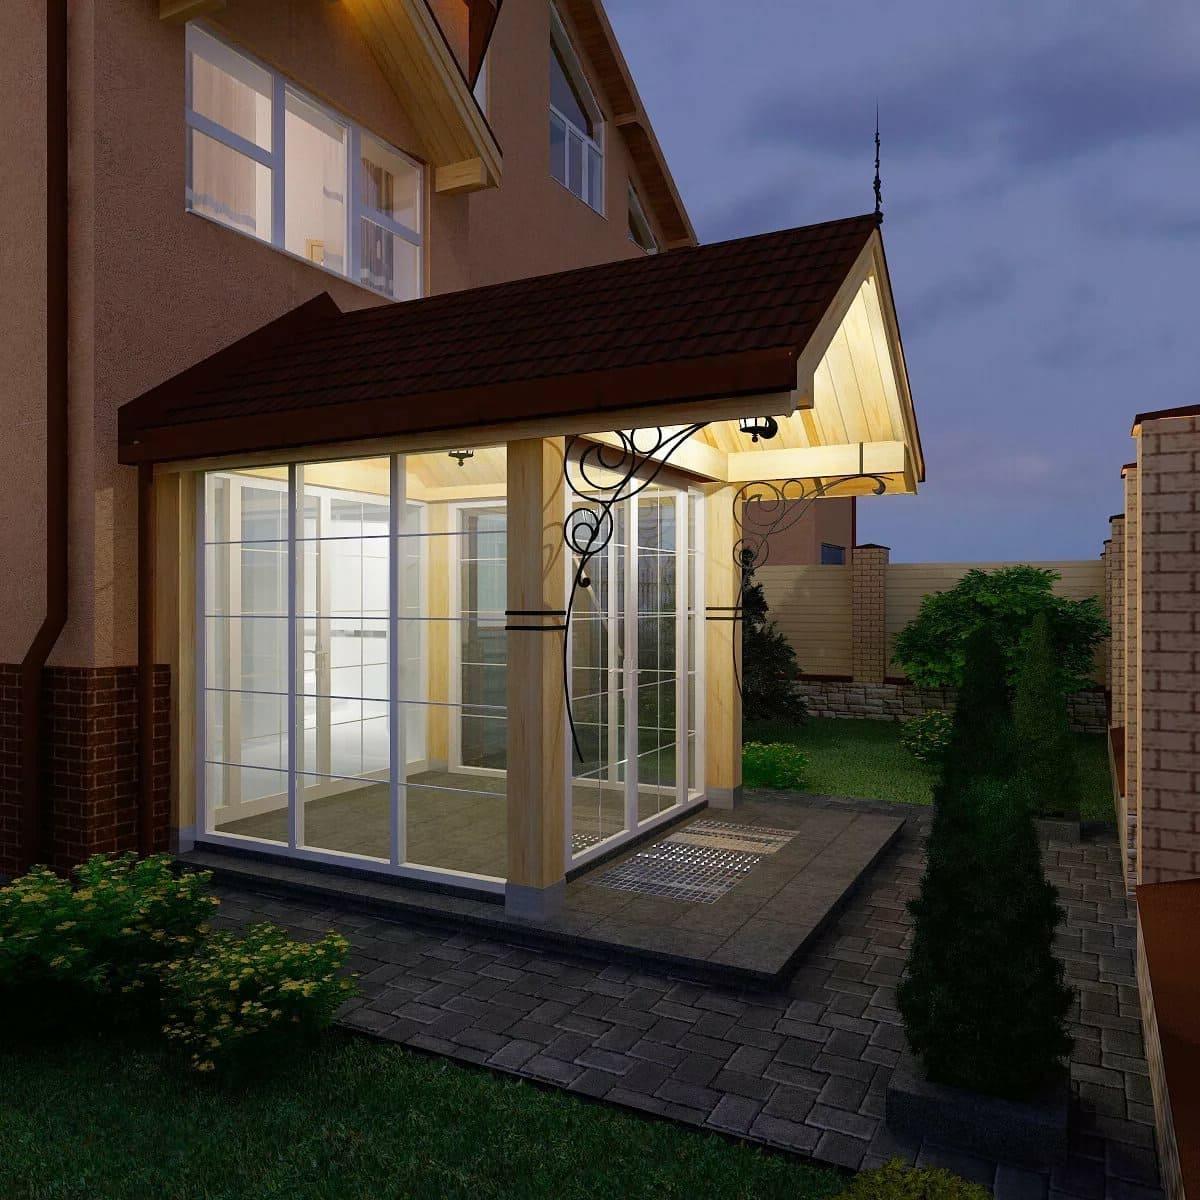 Важно предусмотреть и оснастить вход в дом ненавязчивым освещением